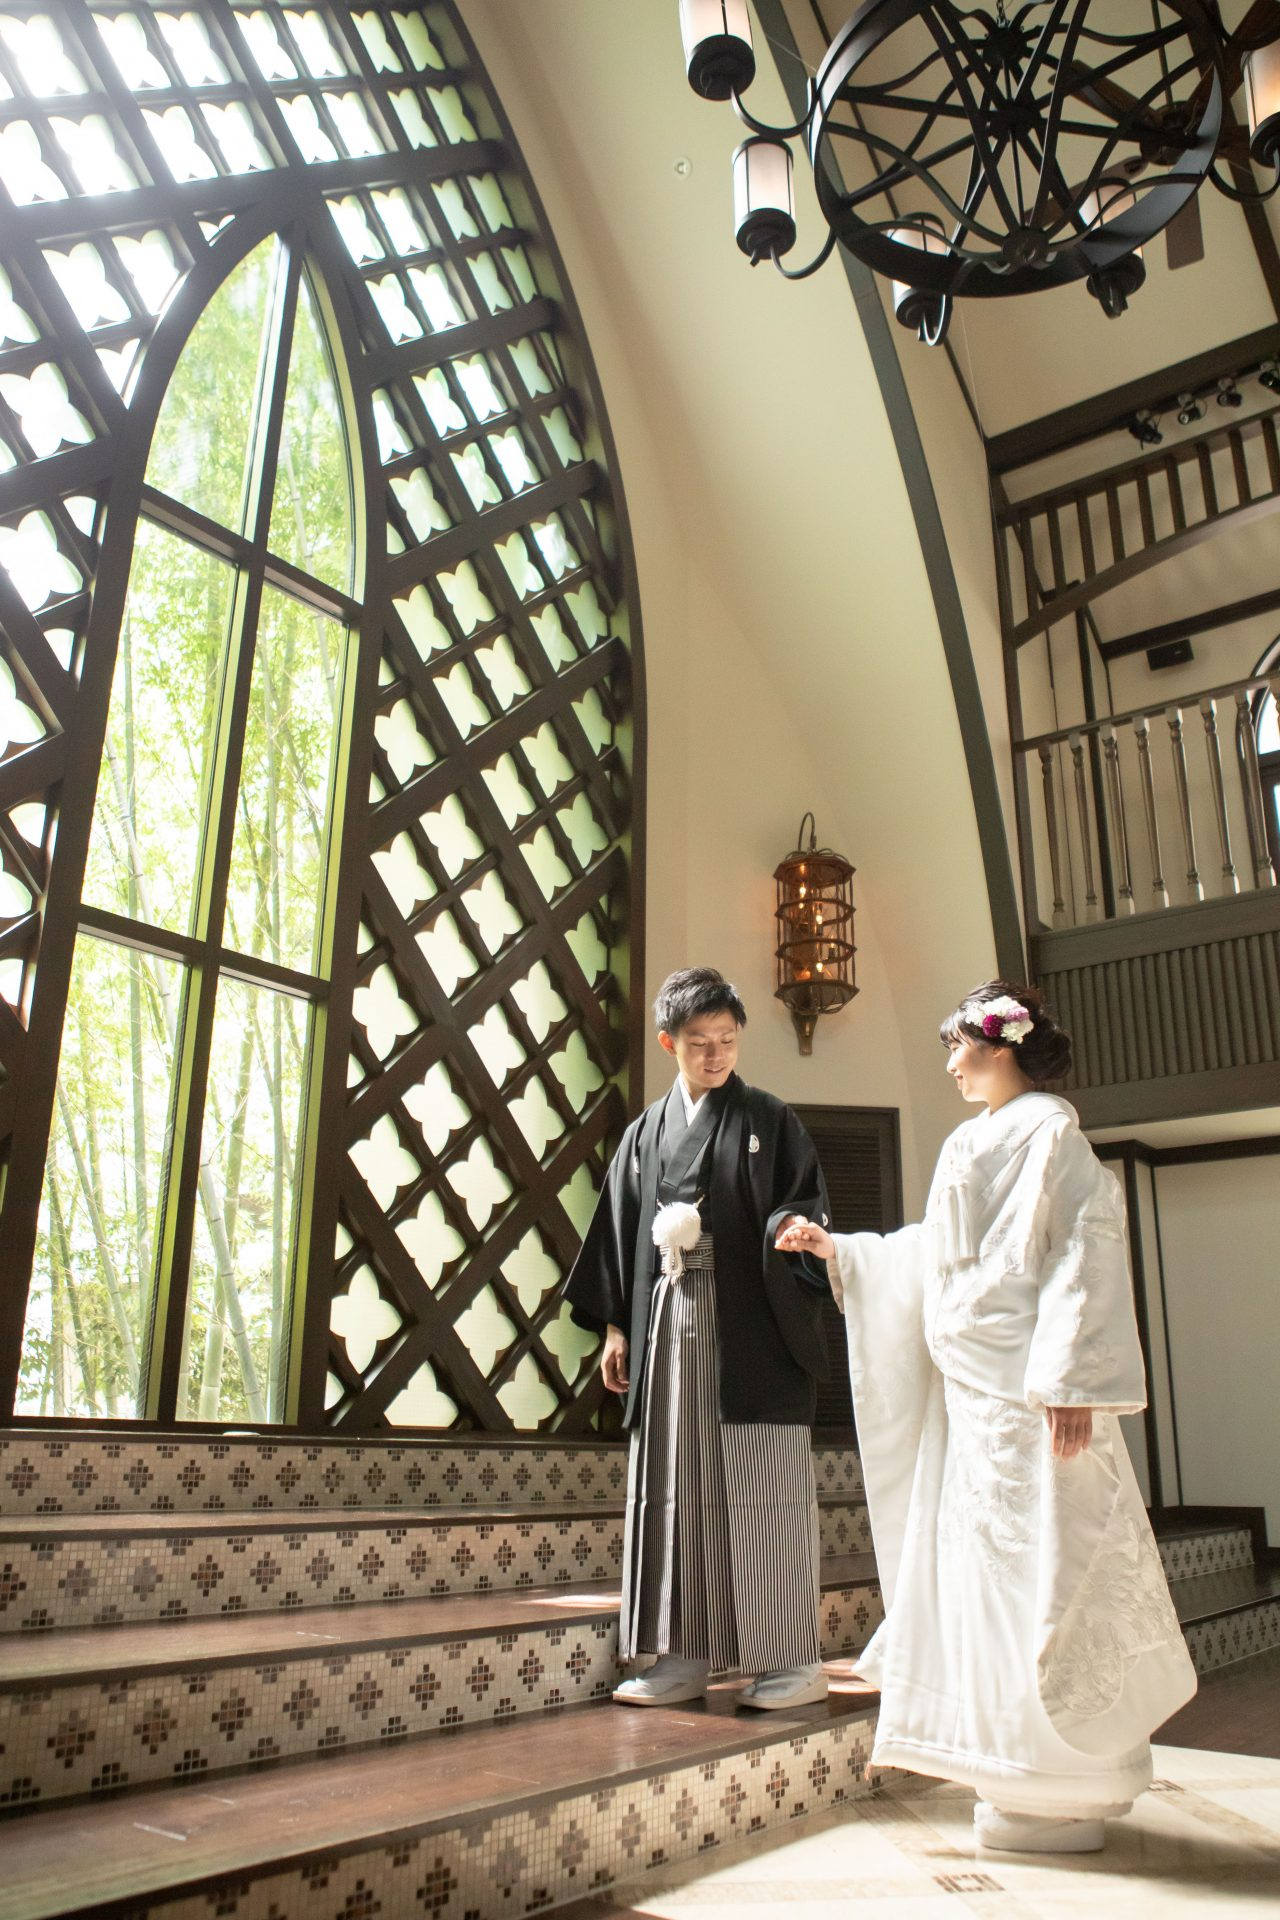 フォーチュンガーデン京都の光が差し込む開放的なチャペルで和モダンな雰囲気の和装前撮り